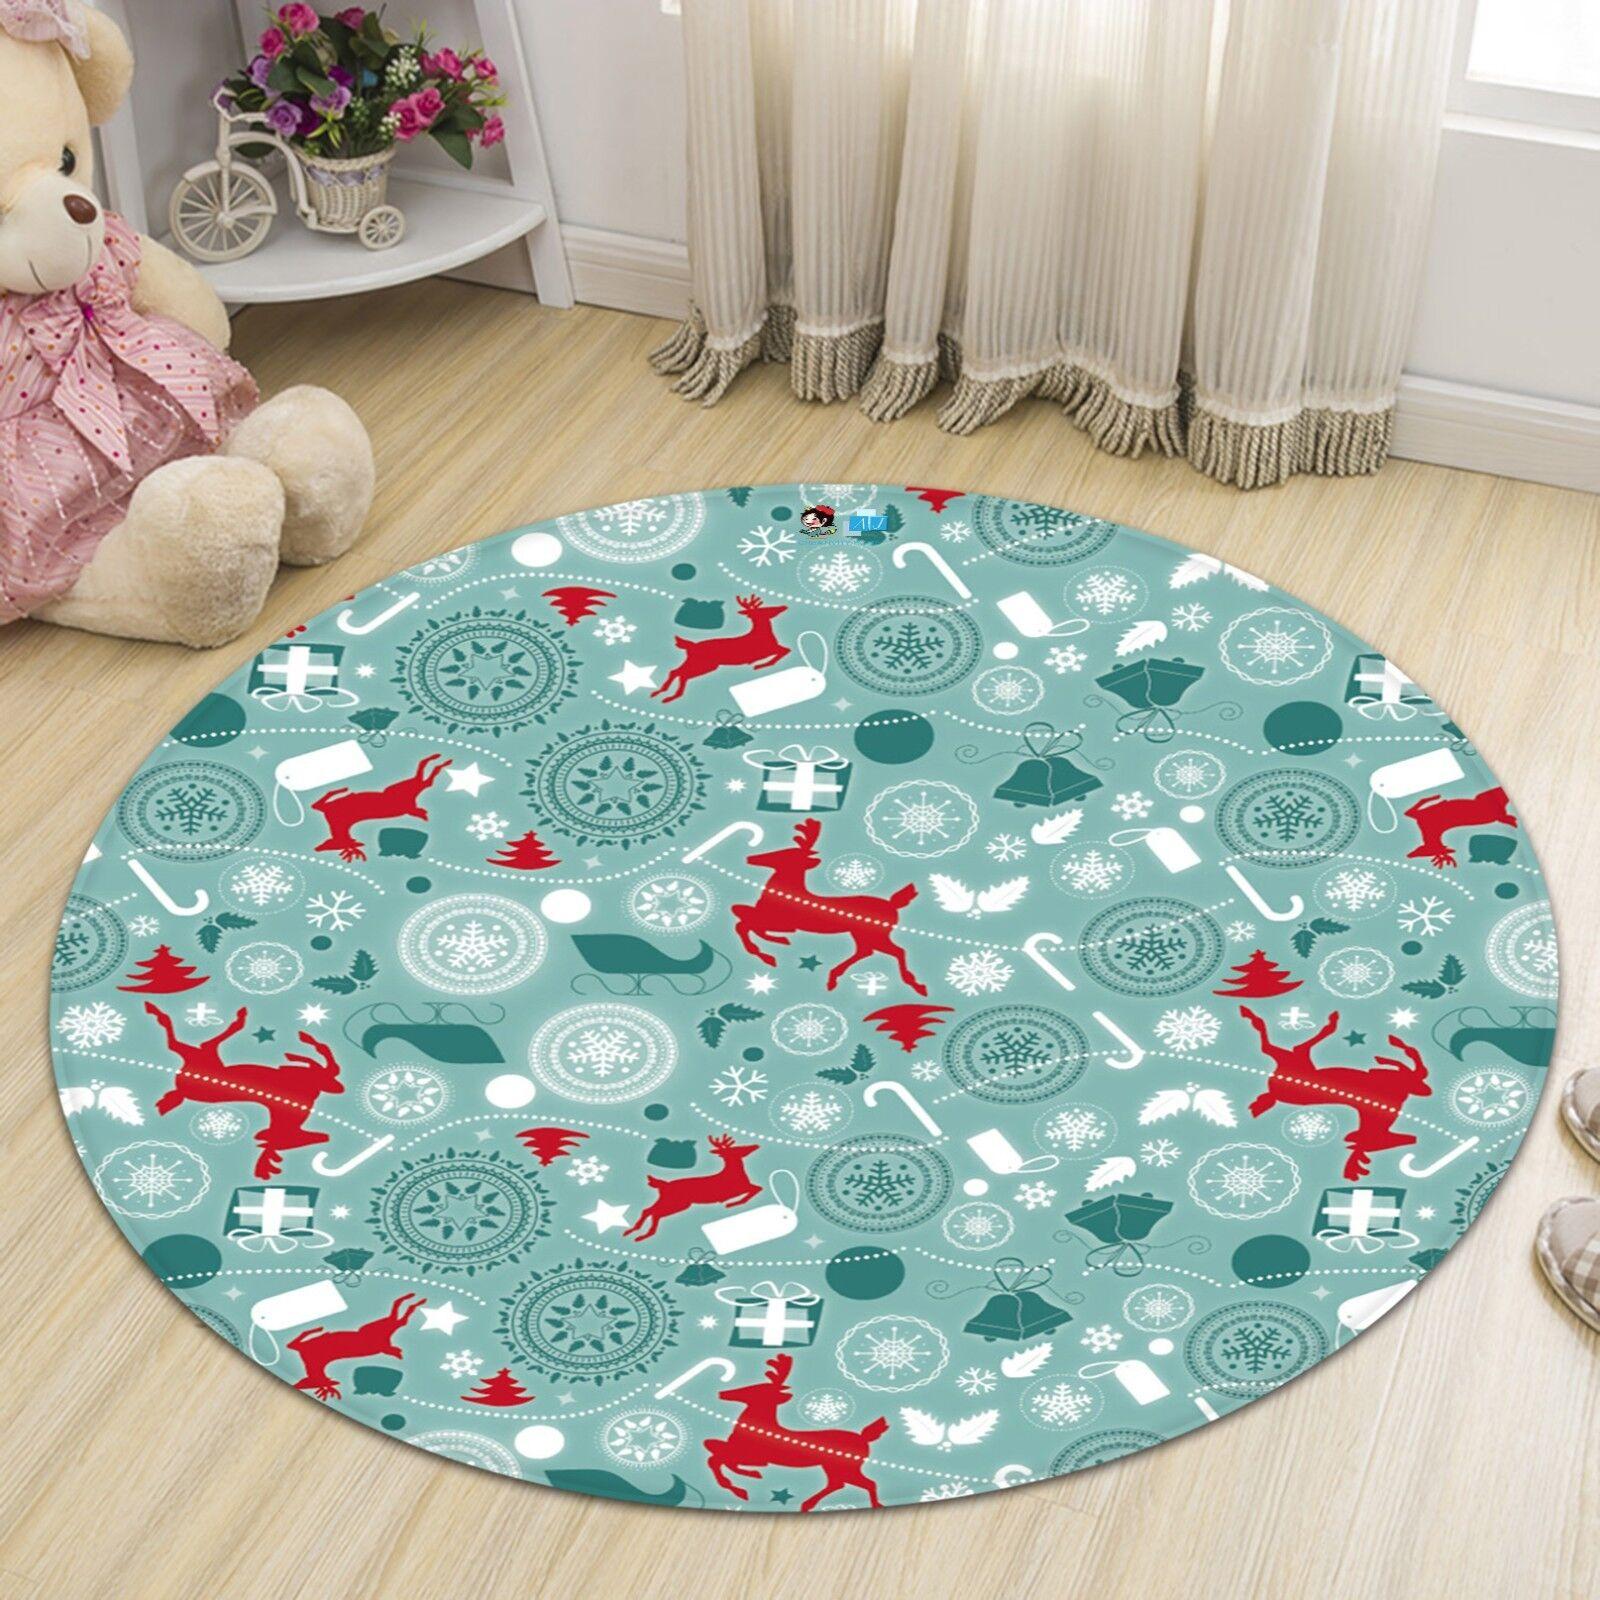 3D Natale Xmas 639 Antiscivolo Tappeto Tappetino stuoia di qualità rossoondo Elegante Tappeto foto Regno Unito